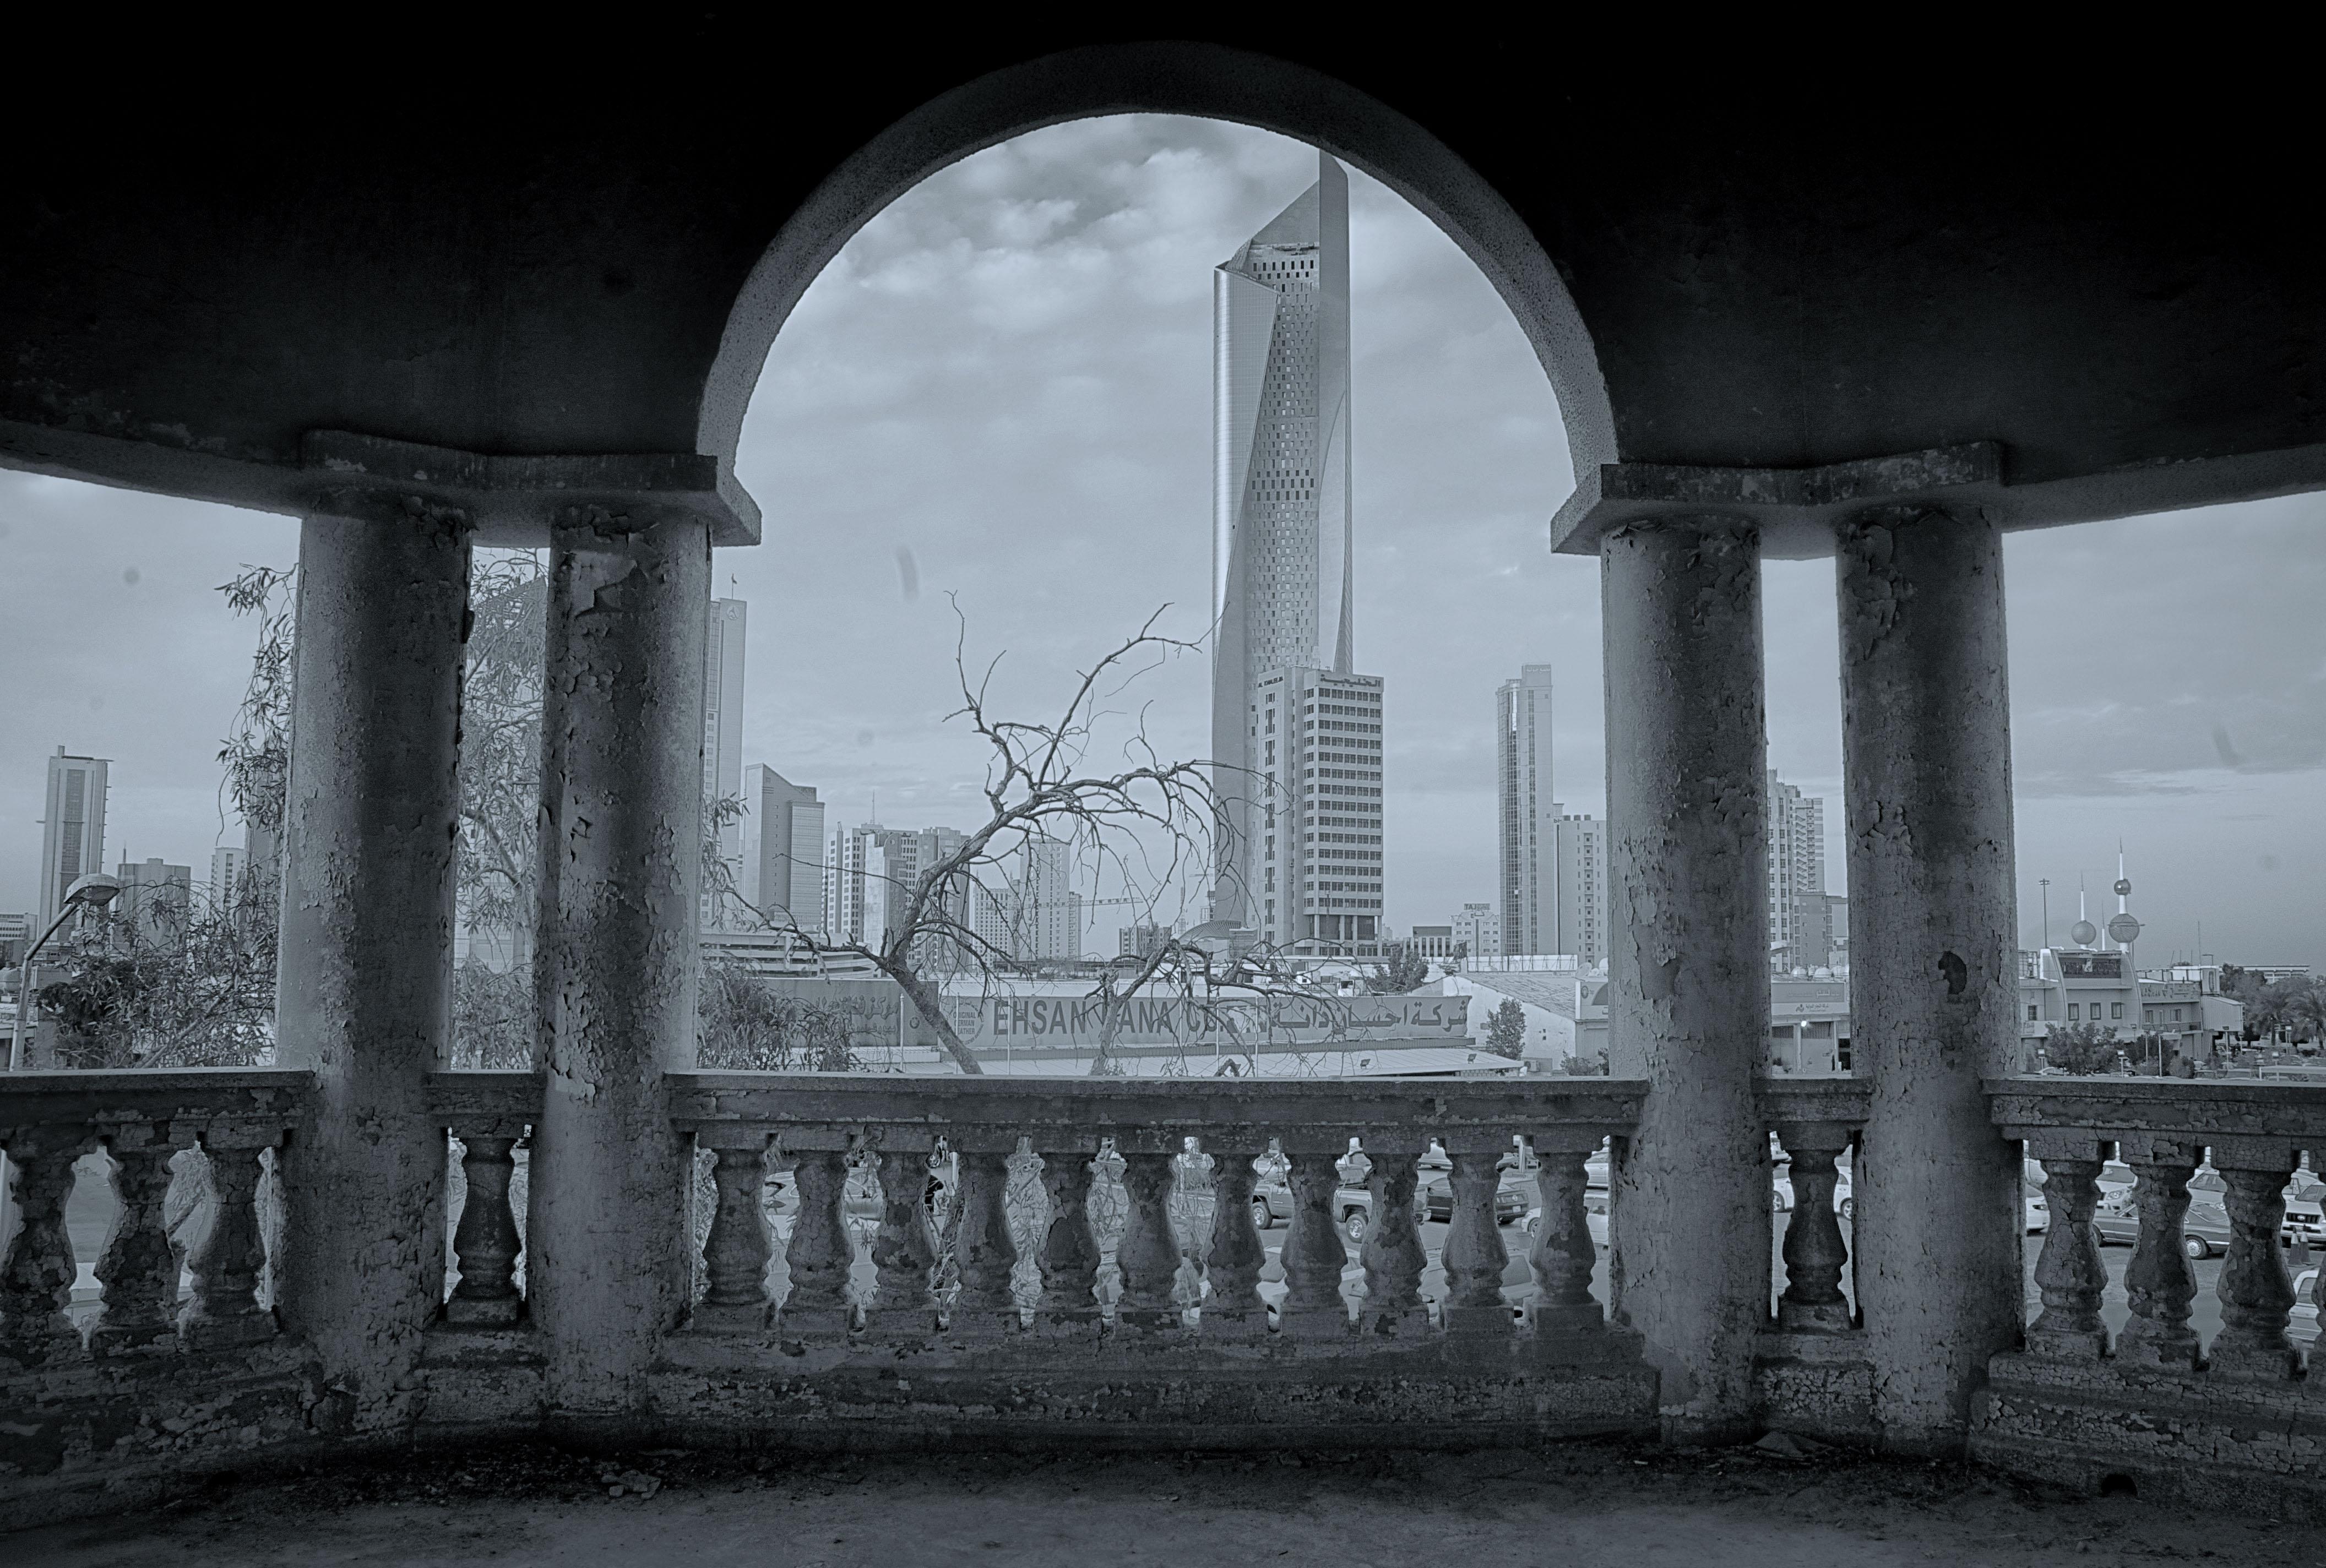 Hintergrundbilder : Weiß, schwarz, einfarbig, Stadt, die Architektur ...